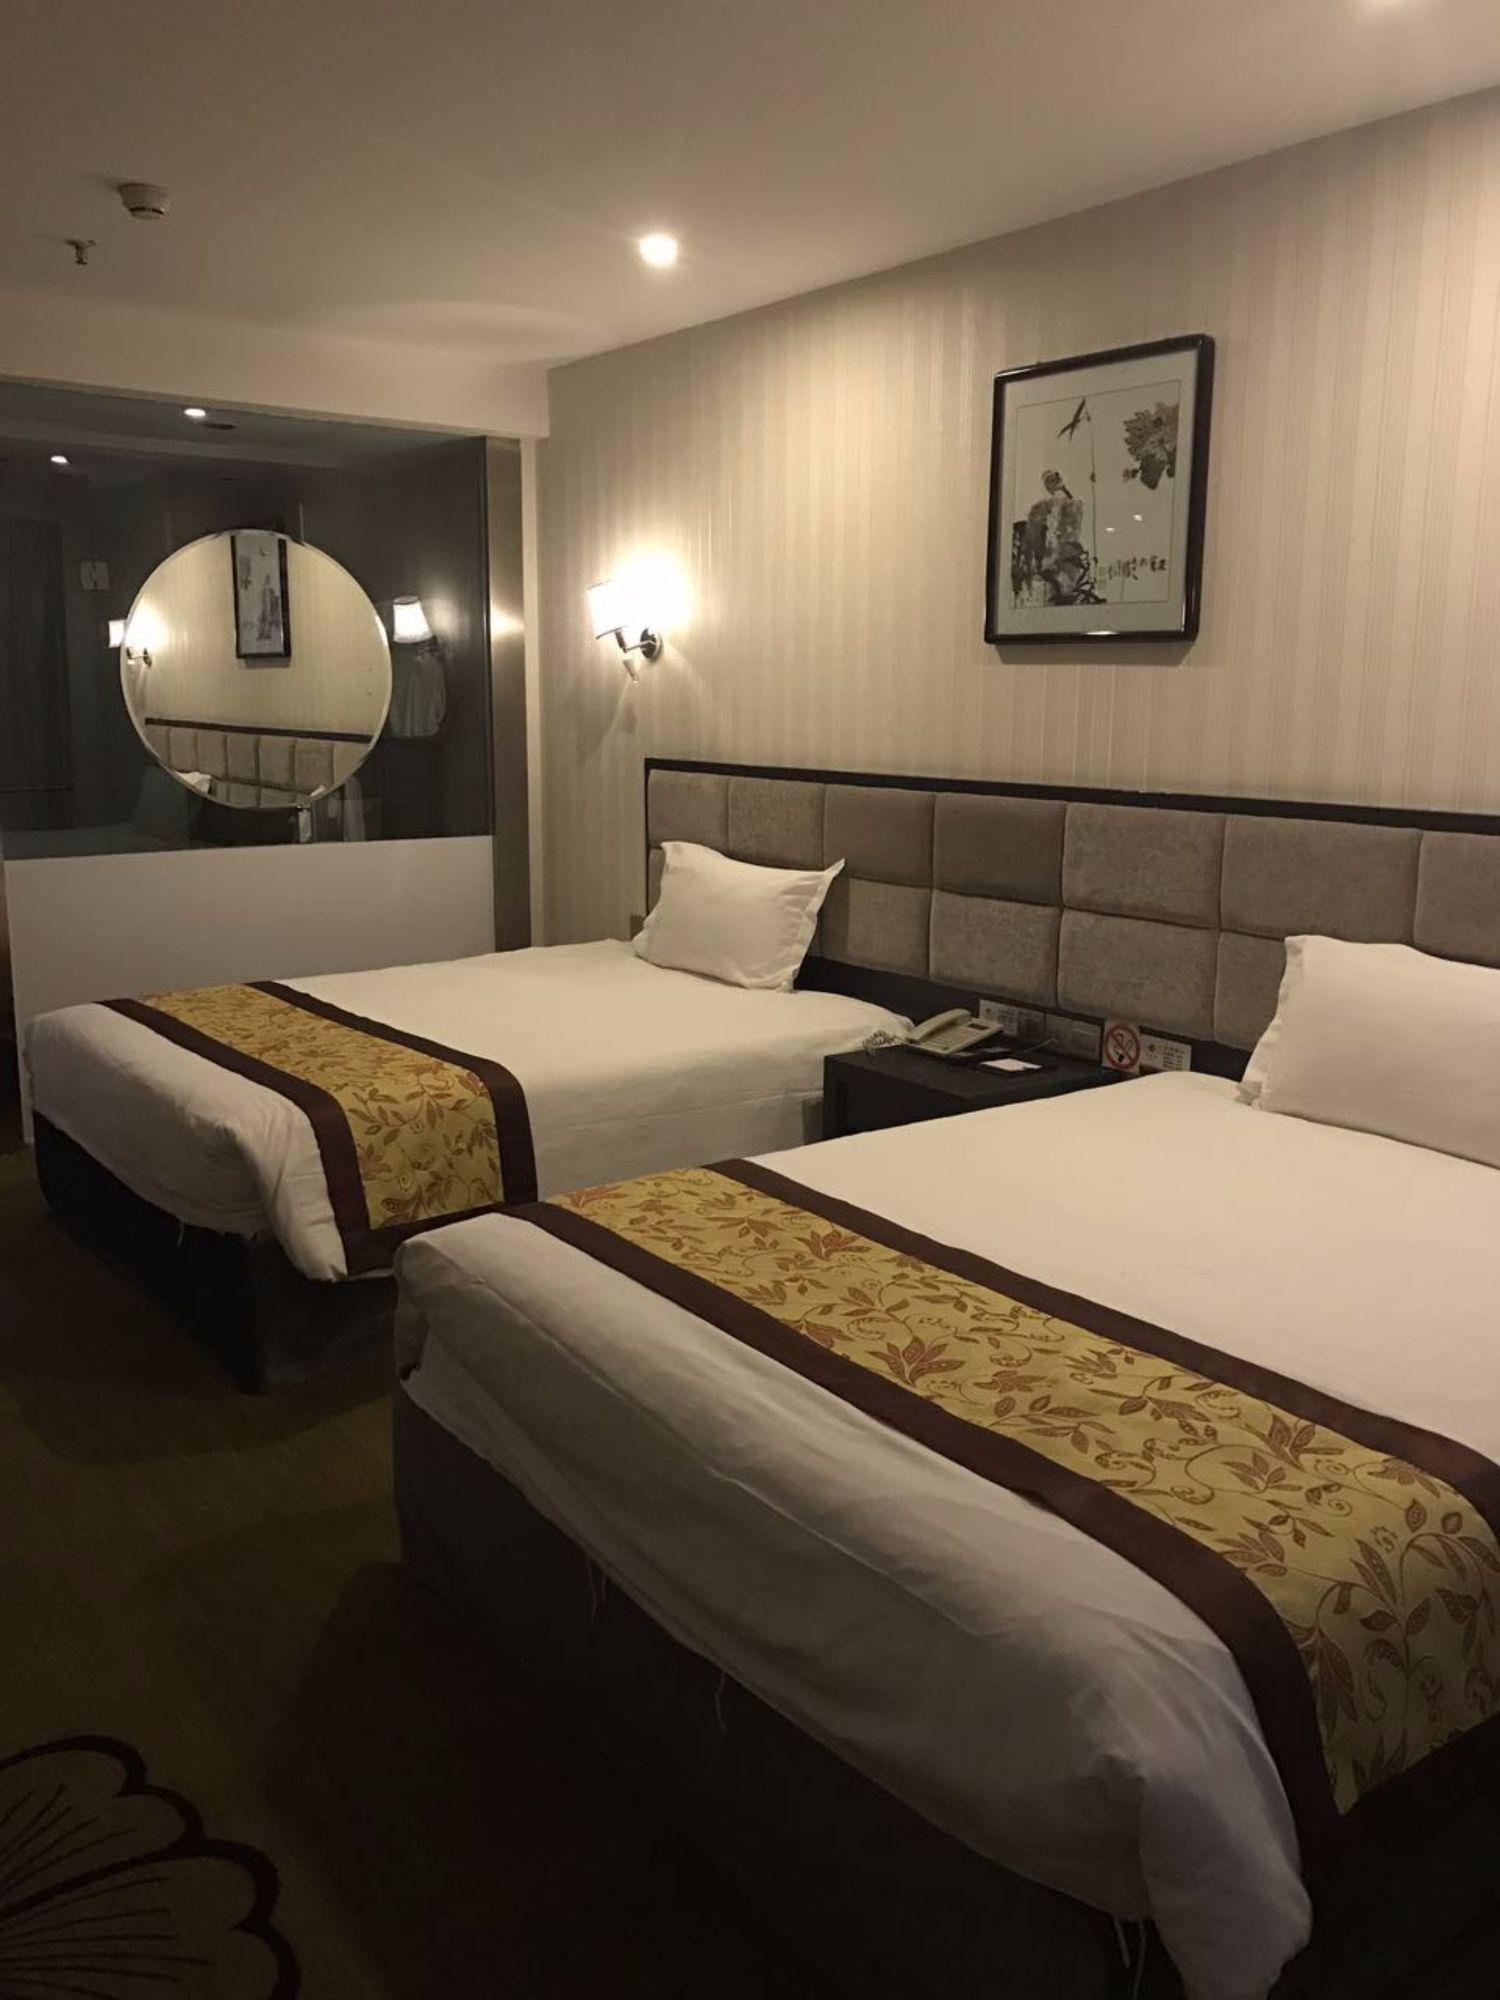 Wuhan Jiahong Platinum Hotel